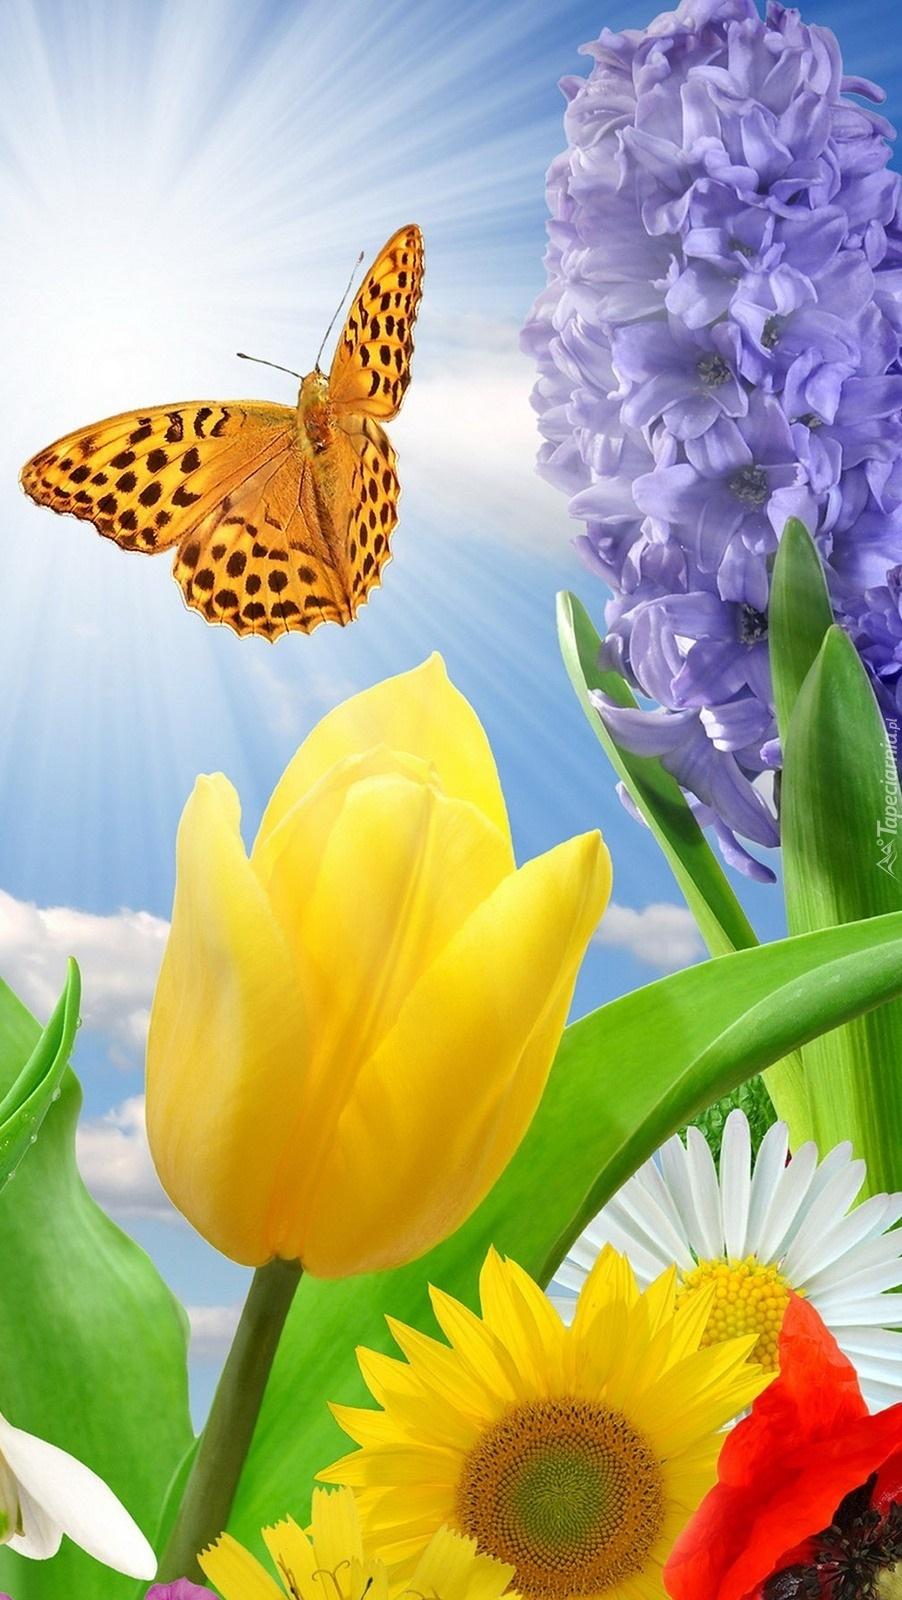 Wiosenna grafika z kwiatami i motylem